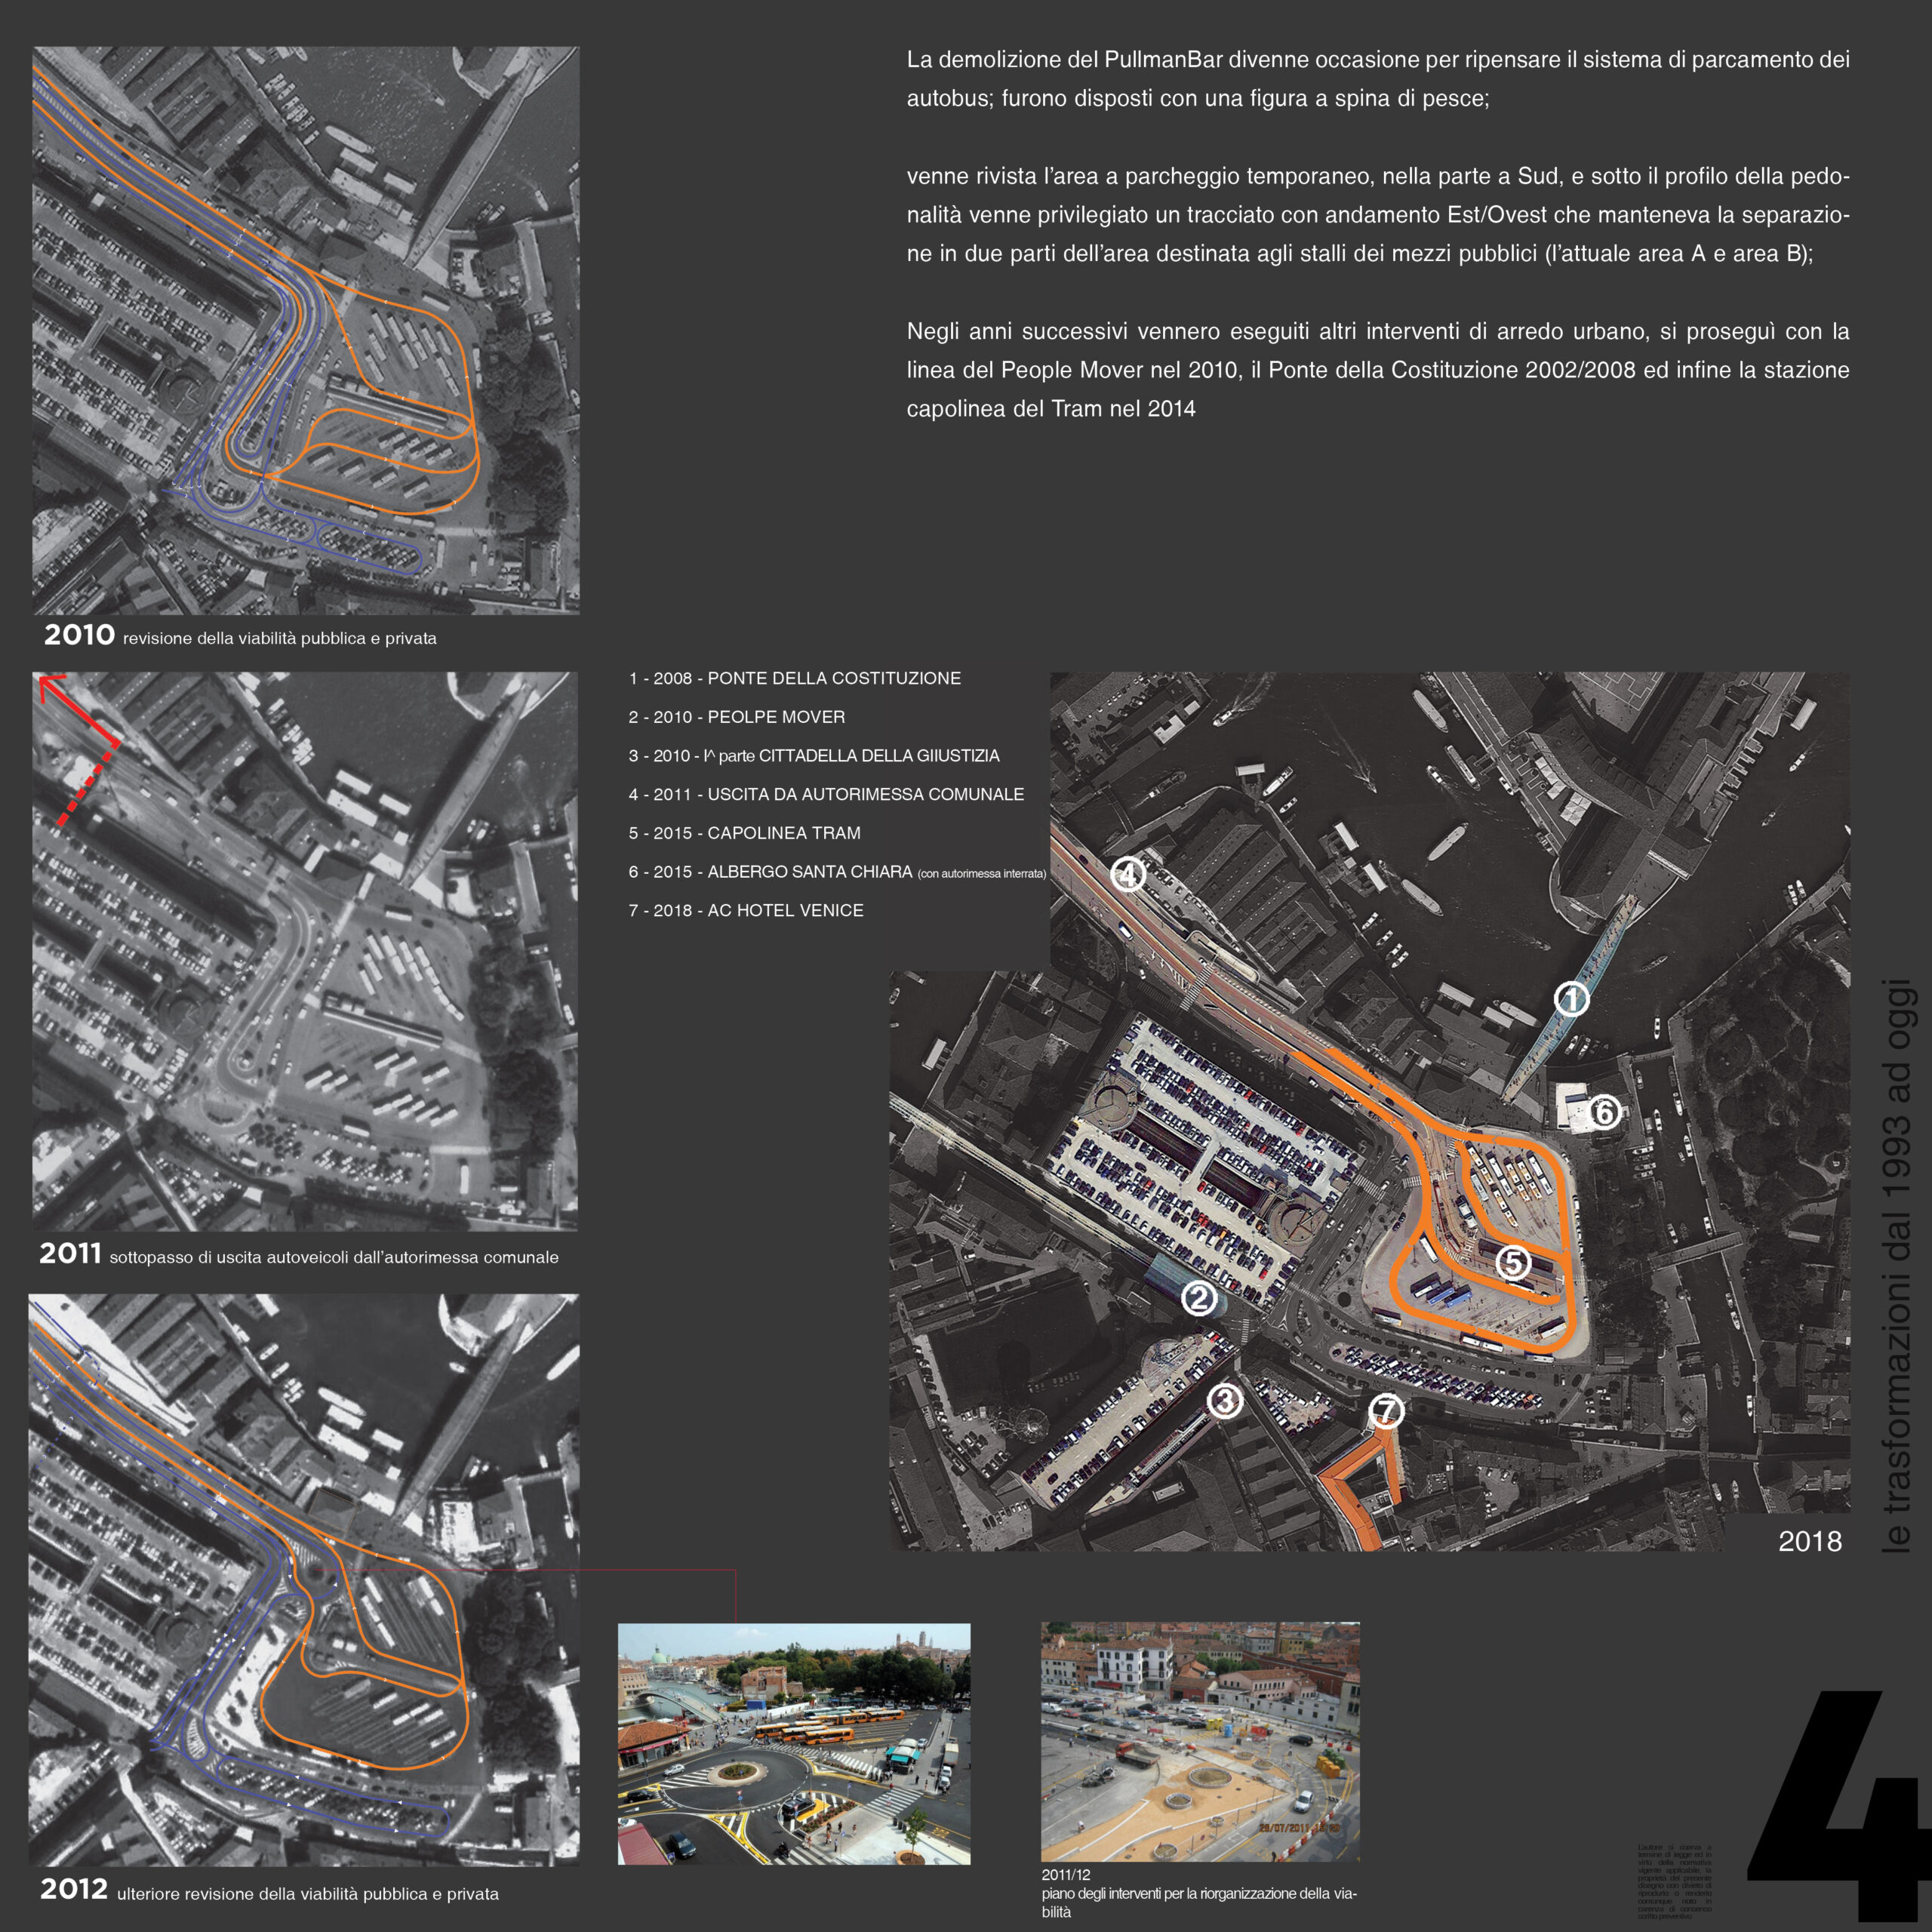 Piazzale Roma_piano di riassetto funzionale 04